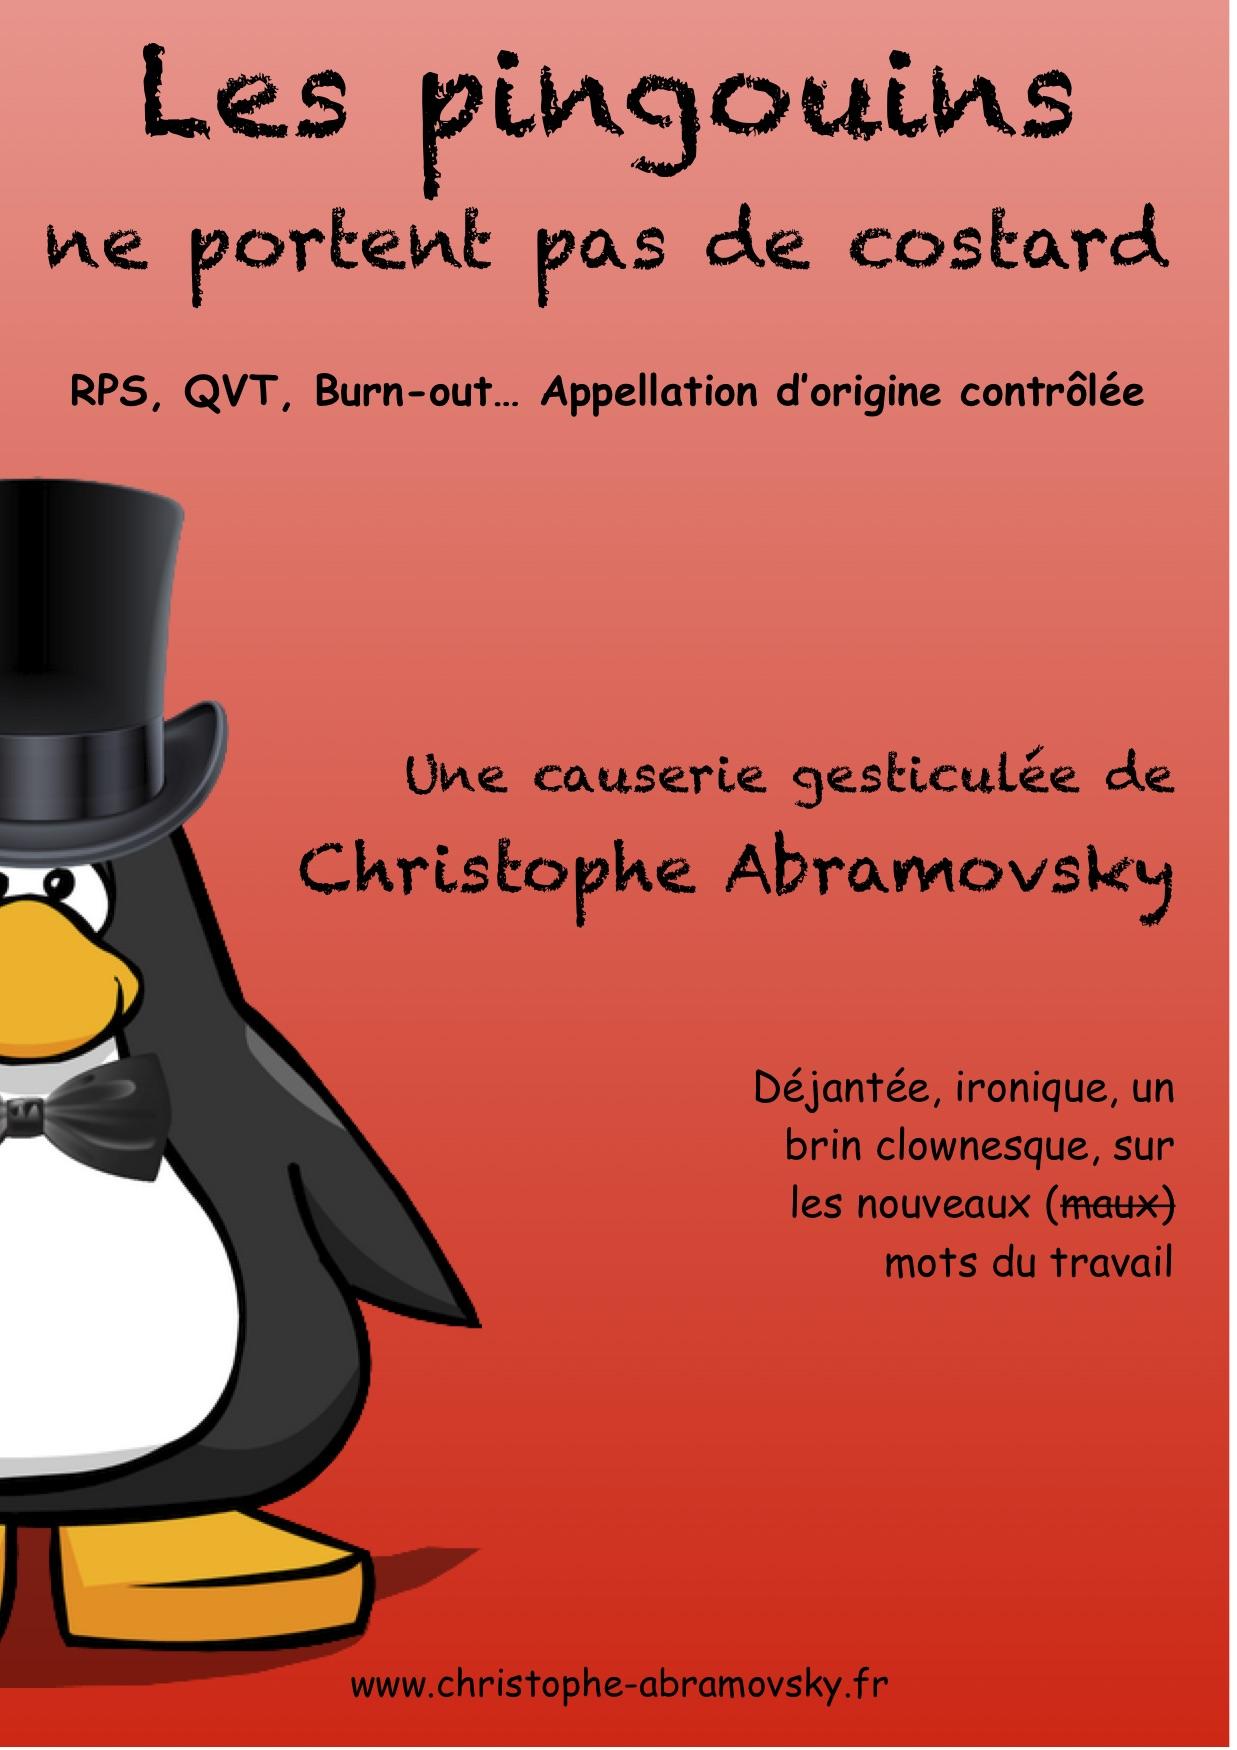 Les pingouins ne portent pas de costard